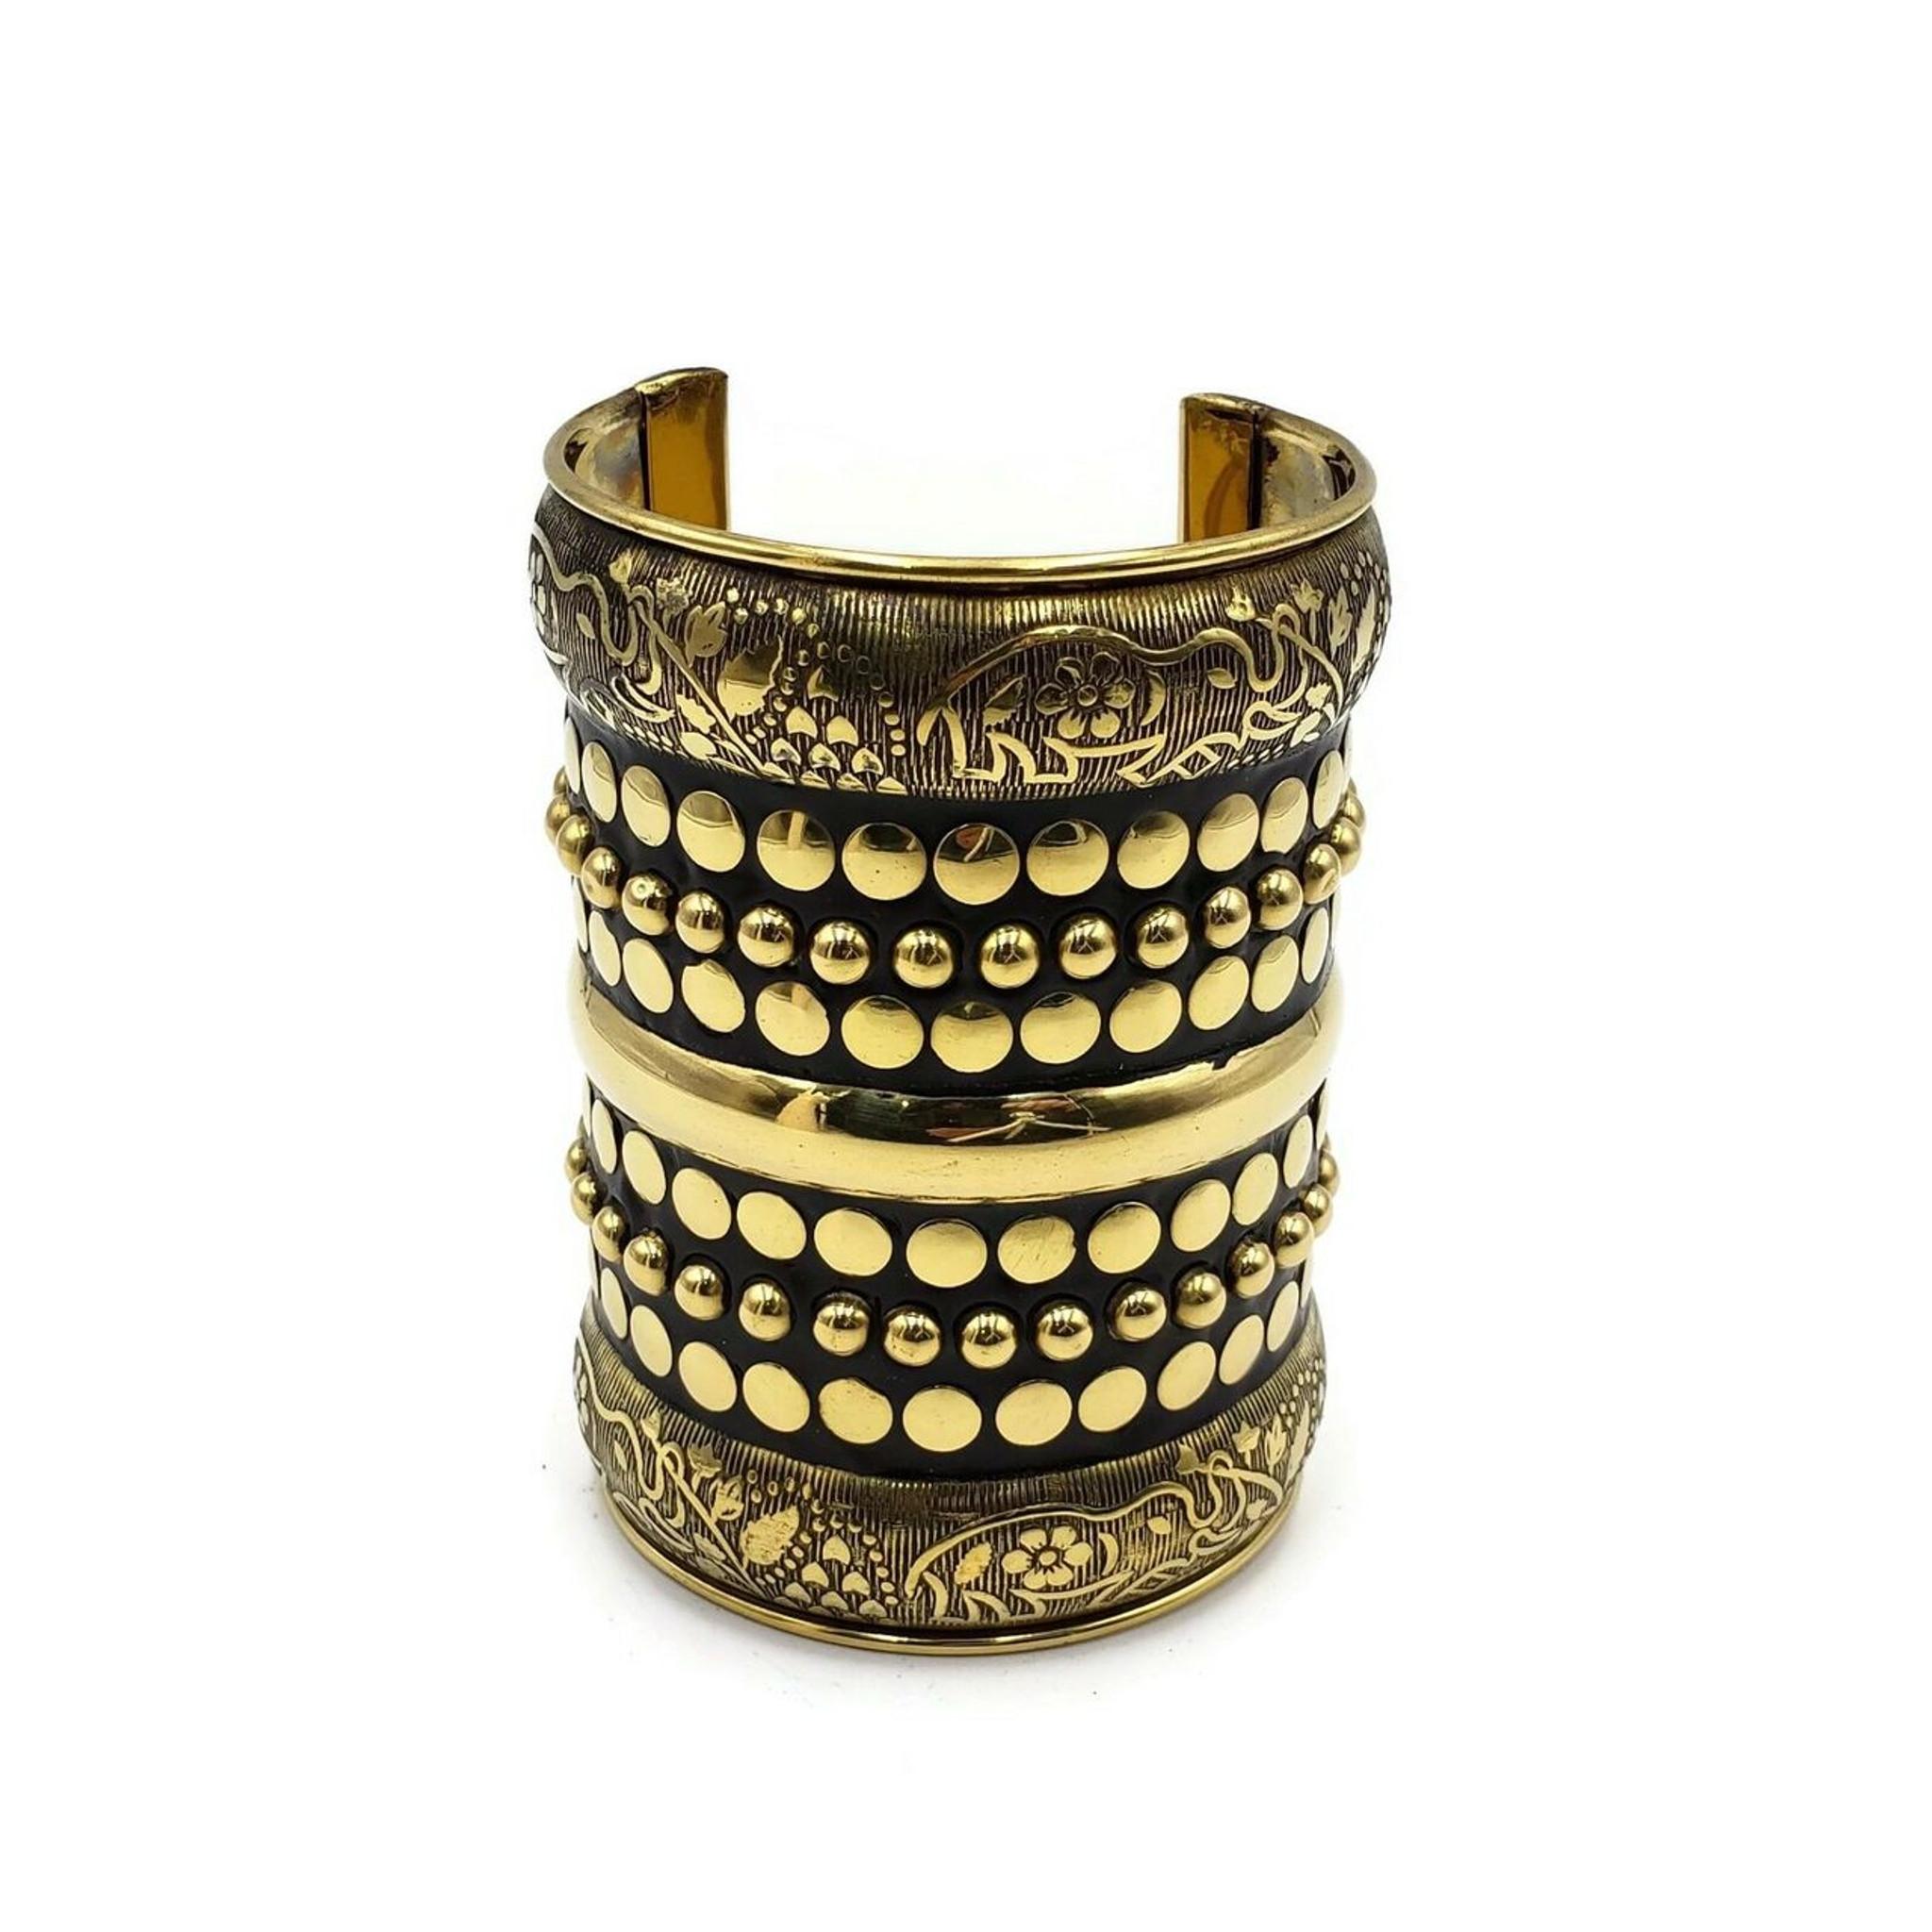 Esmeralda Ornate Brass Cuff in Gold and Antique Tone